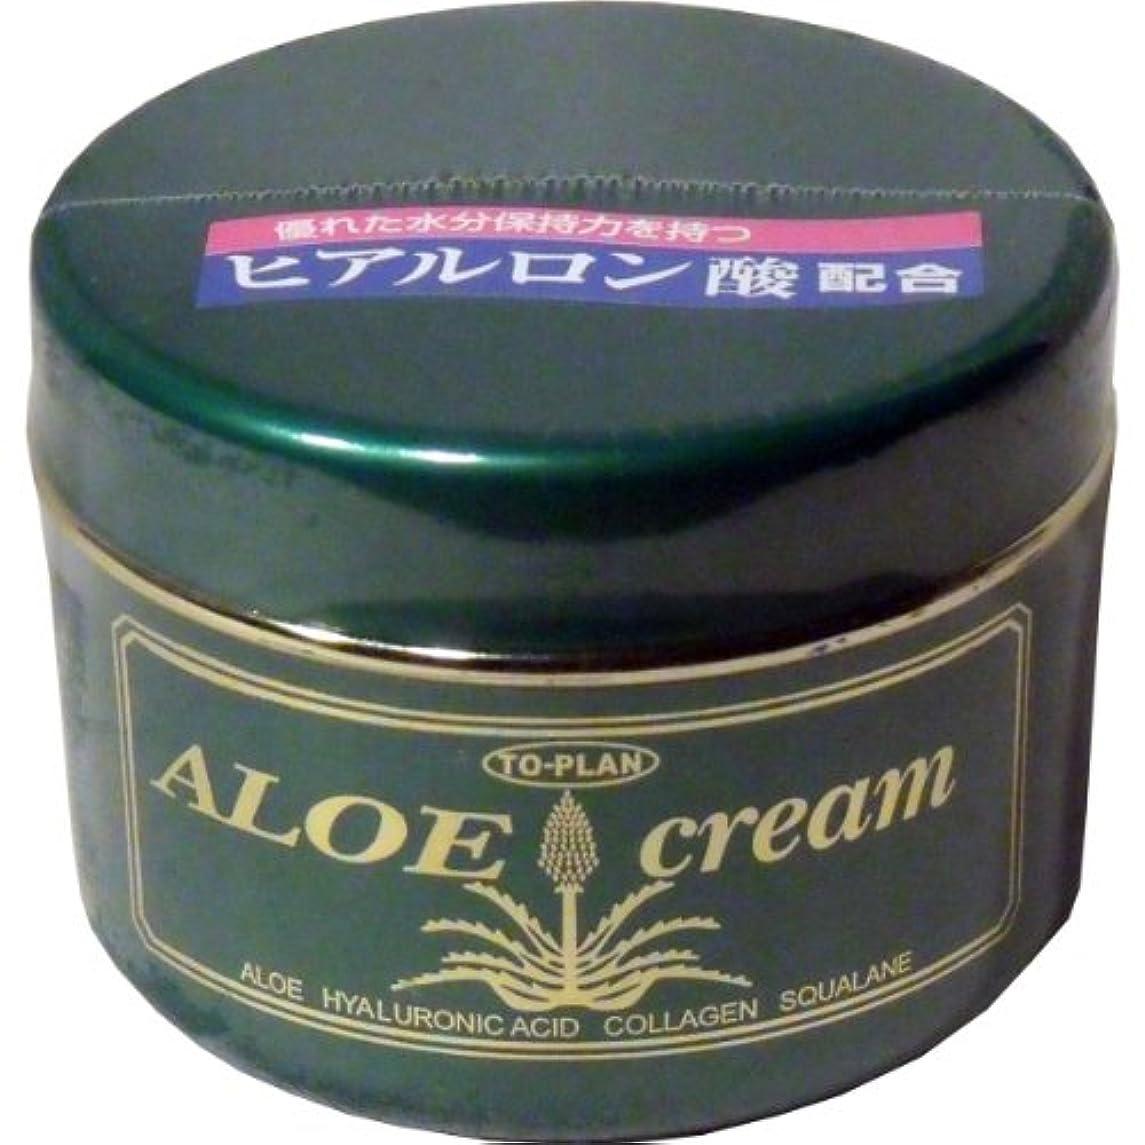 抵抗するキャップ夜間トプラン ハーブフレッシュクリーム(アロエクリーム) ヒアルロン酸 170g